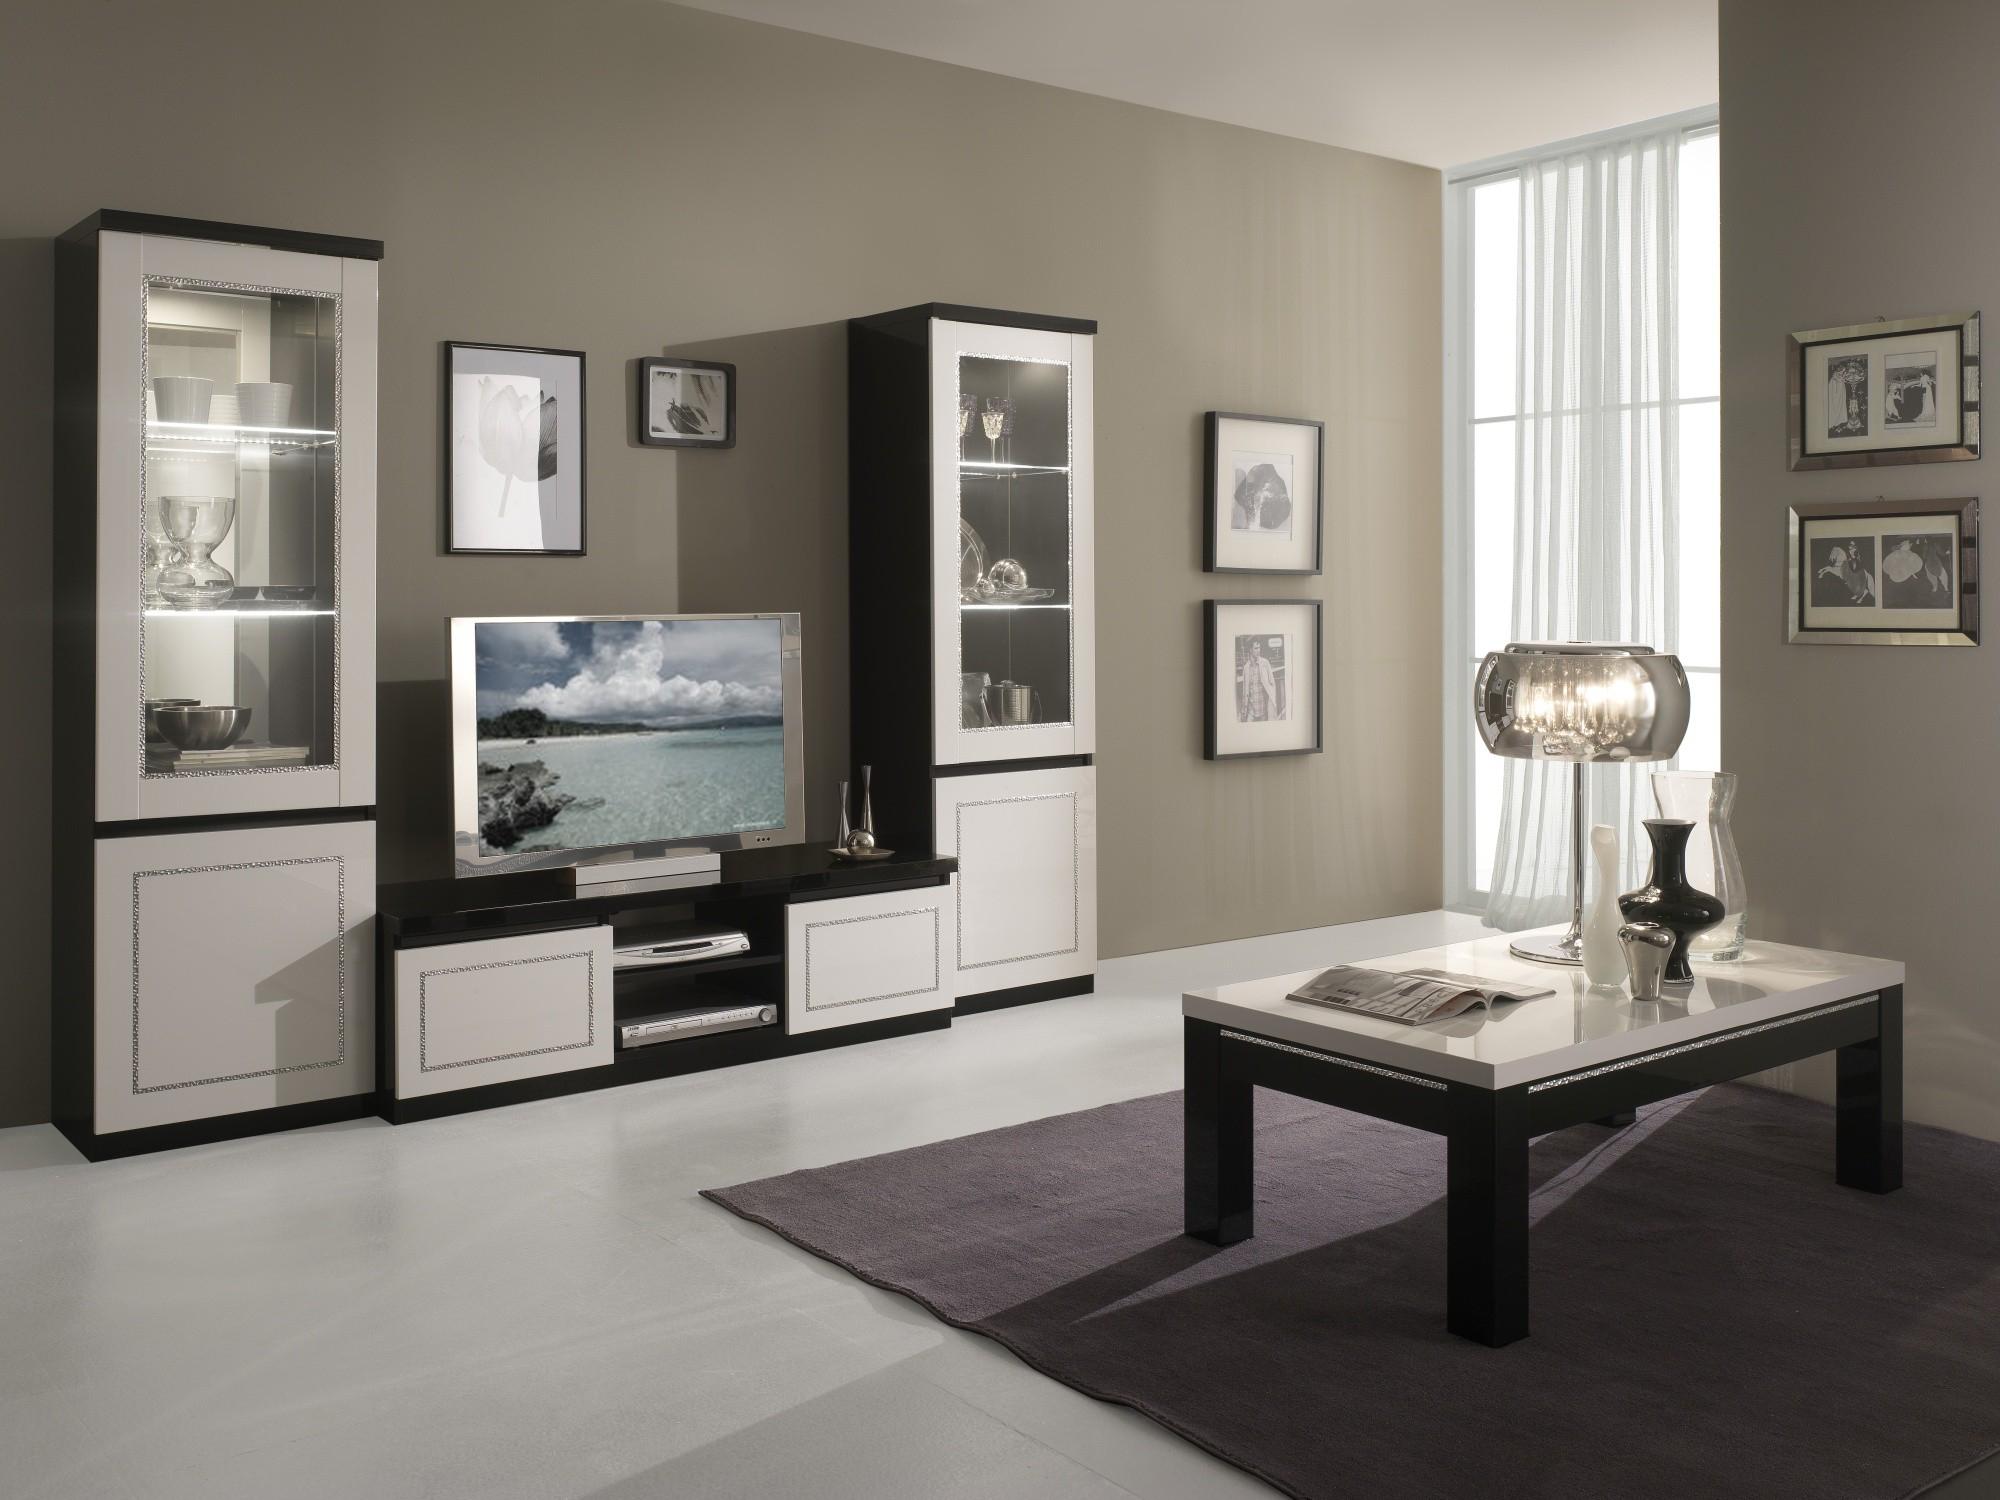 Décoration Salon Moderne Noir Et Blanc salon moderne gris deco salon moderne gris ideeco - idees